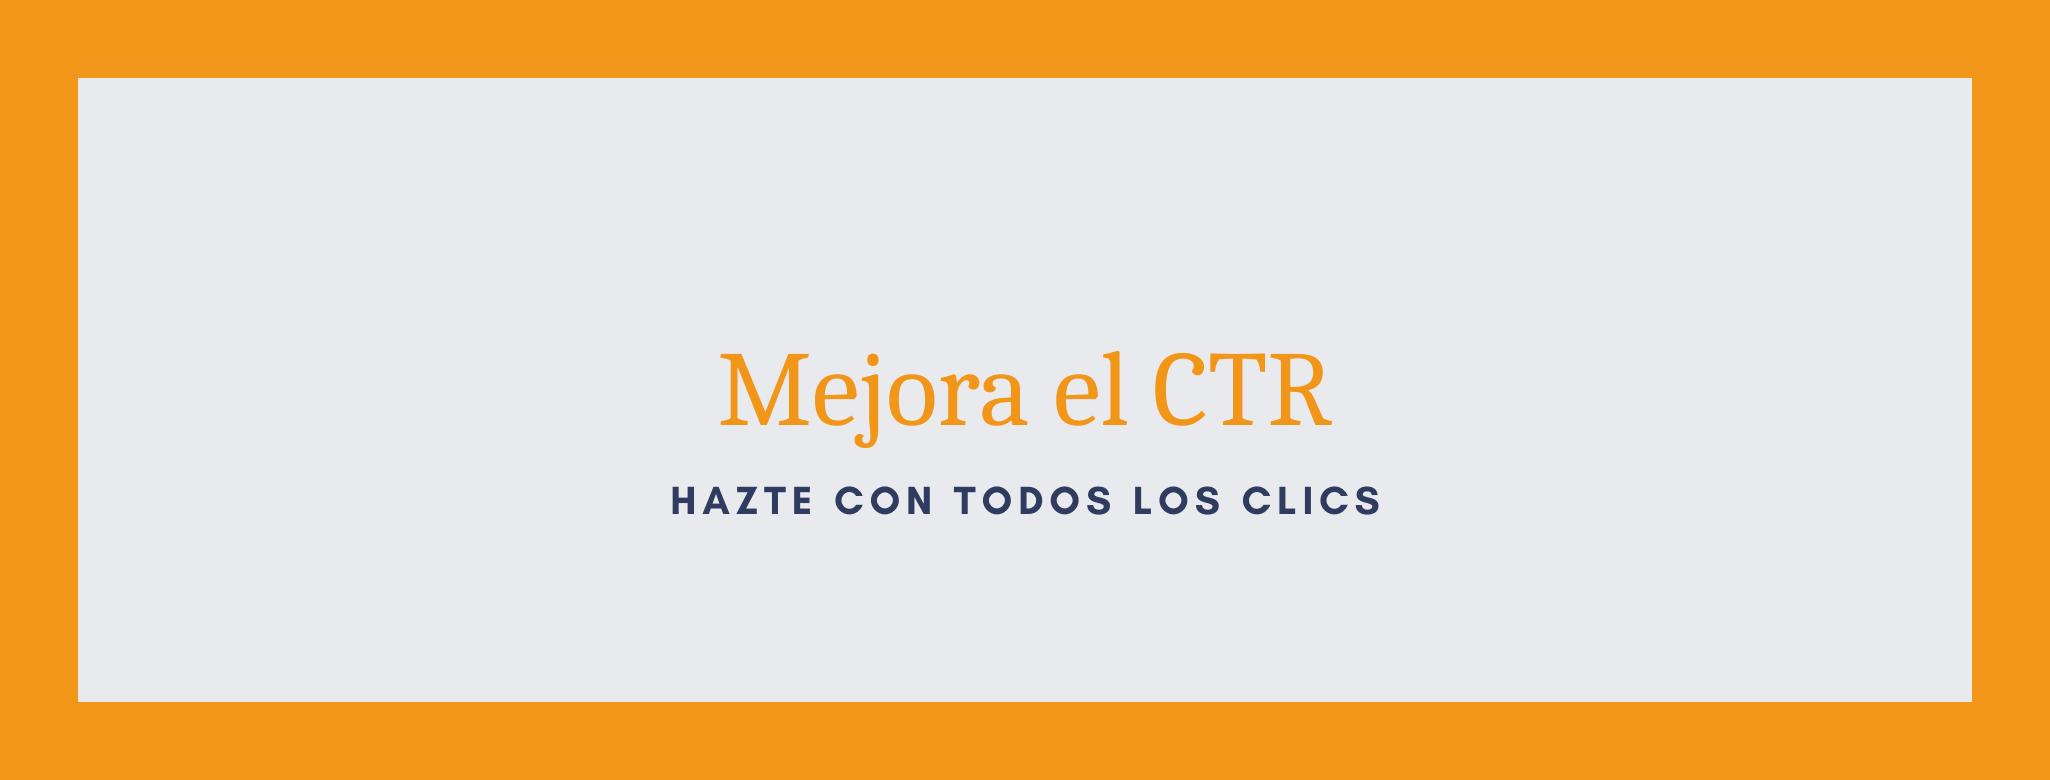 Mejora el CTR gracias al SEO con enfoque local de tu negocio.